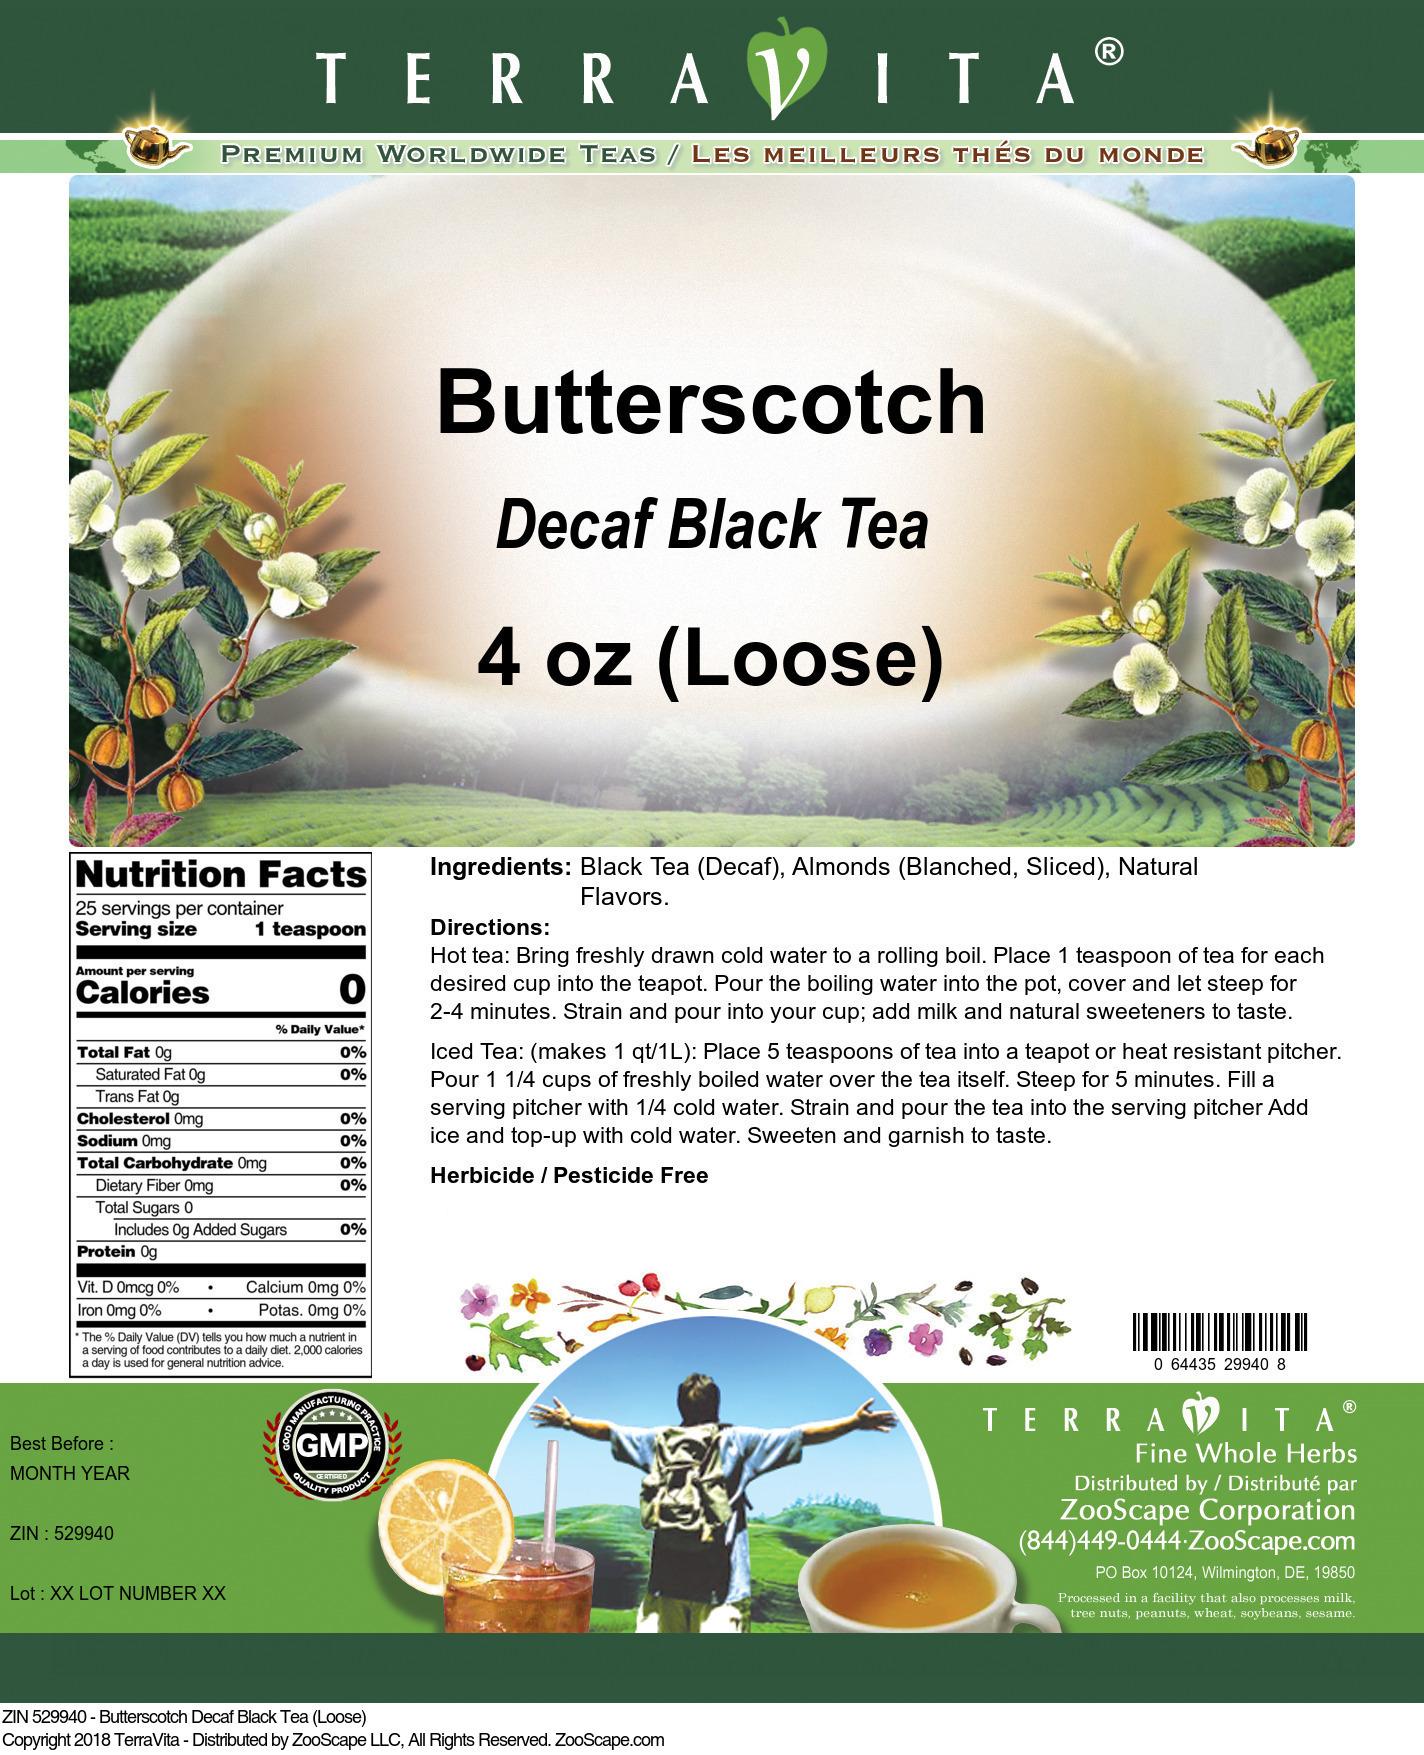 Butterscotch Decaf Black Tea (Loose)